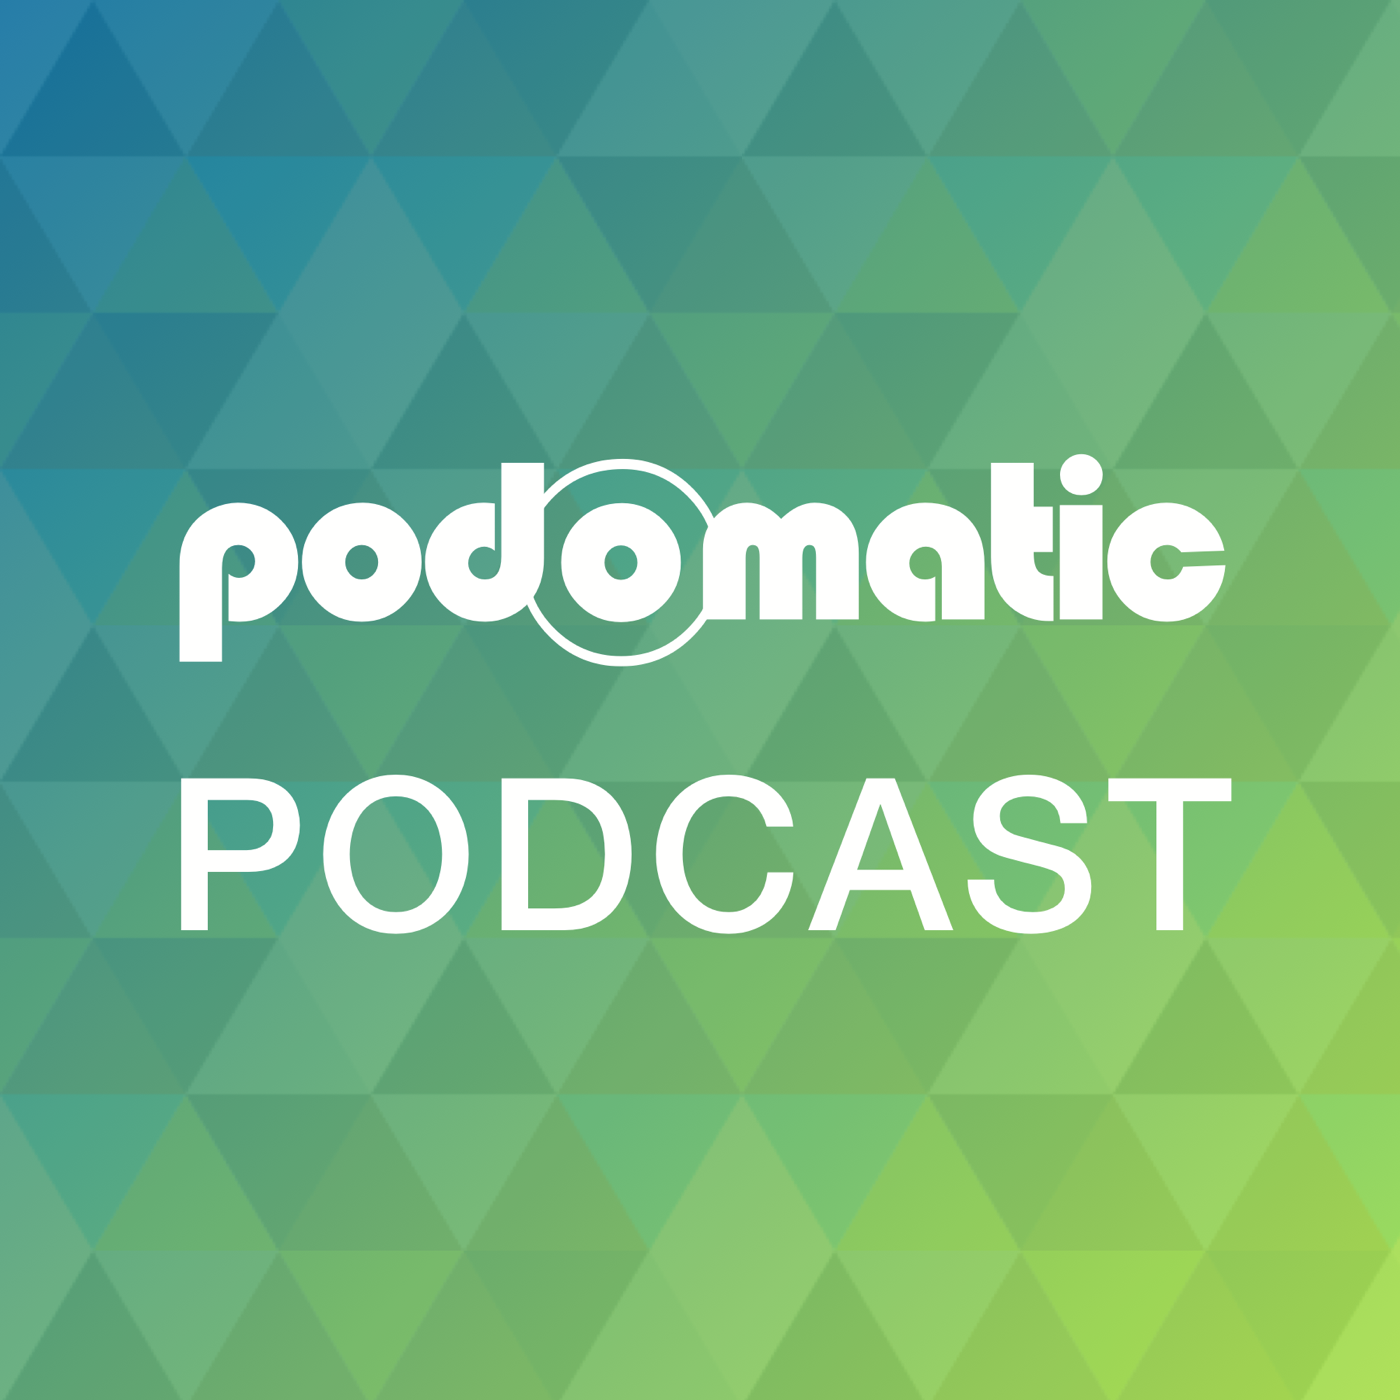 Jason Caldwell's Podcast